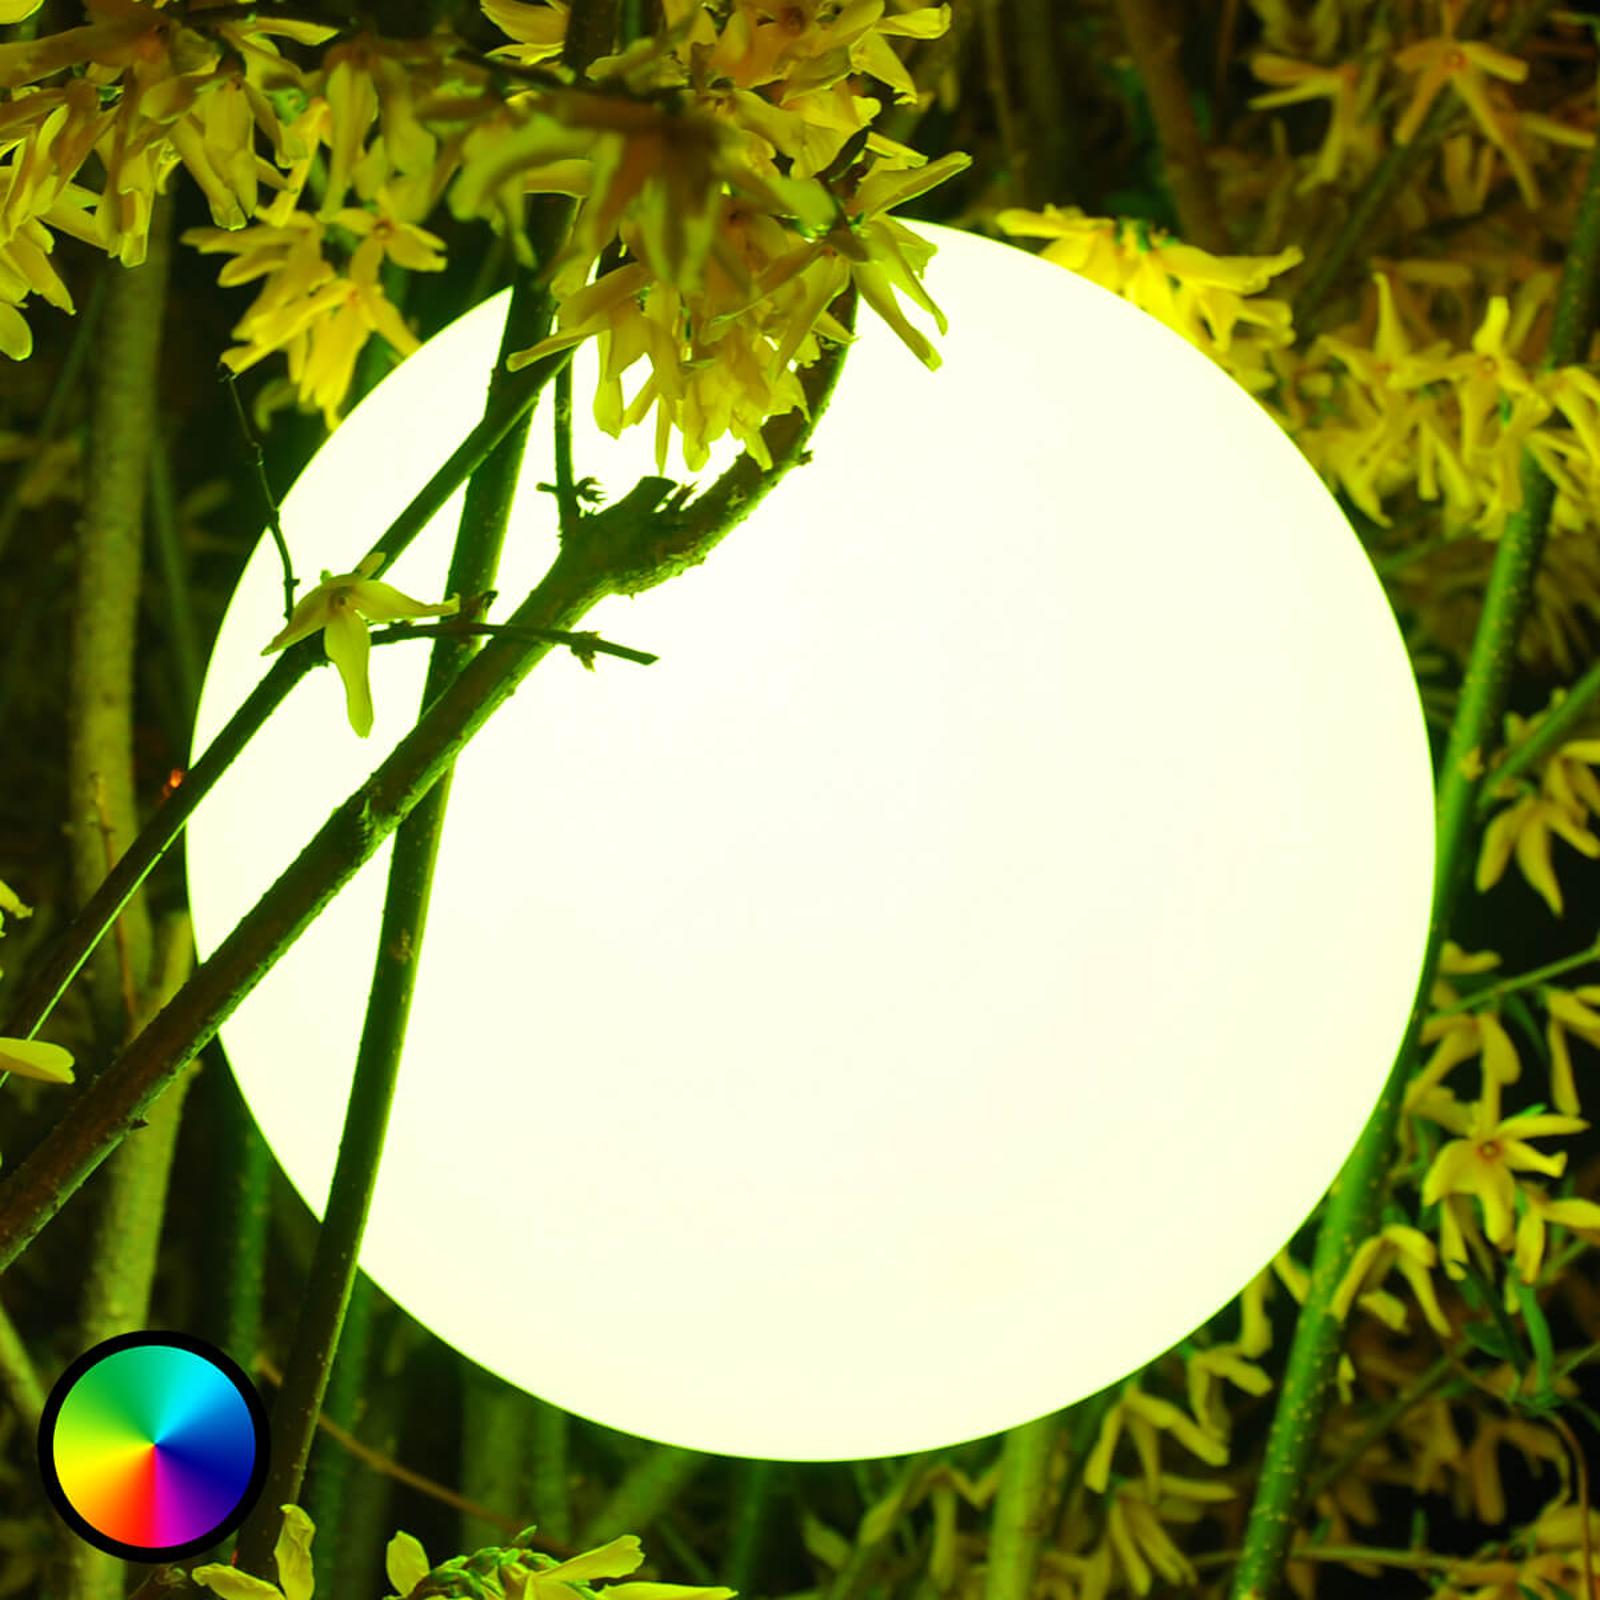 Pearl - LED-kulelampe, mobiltelefonstyrt